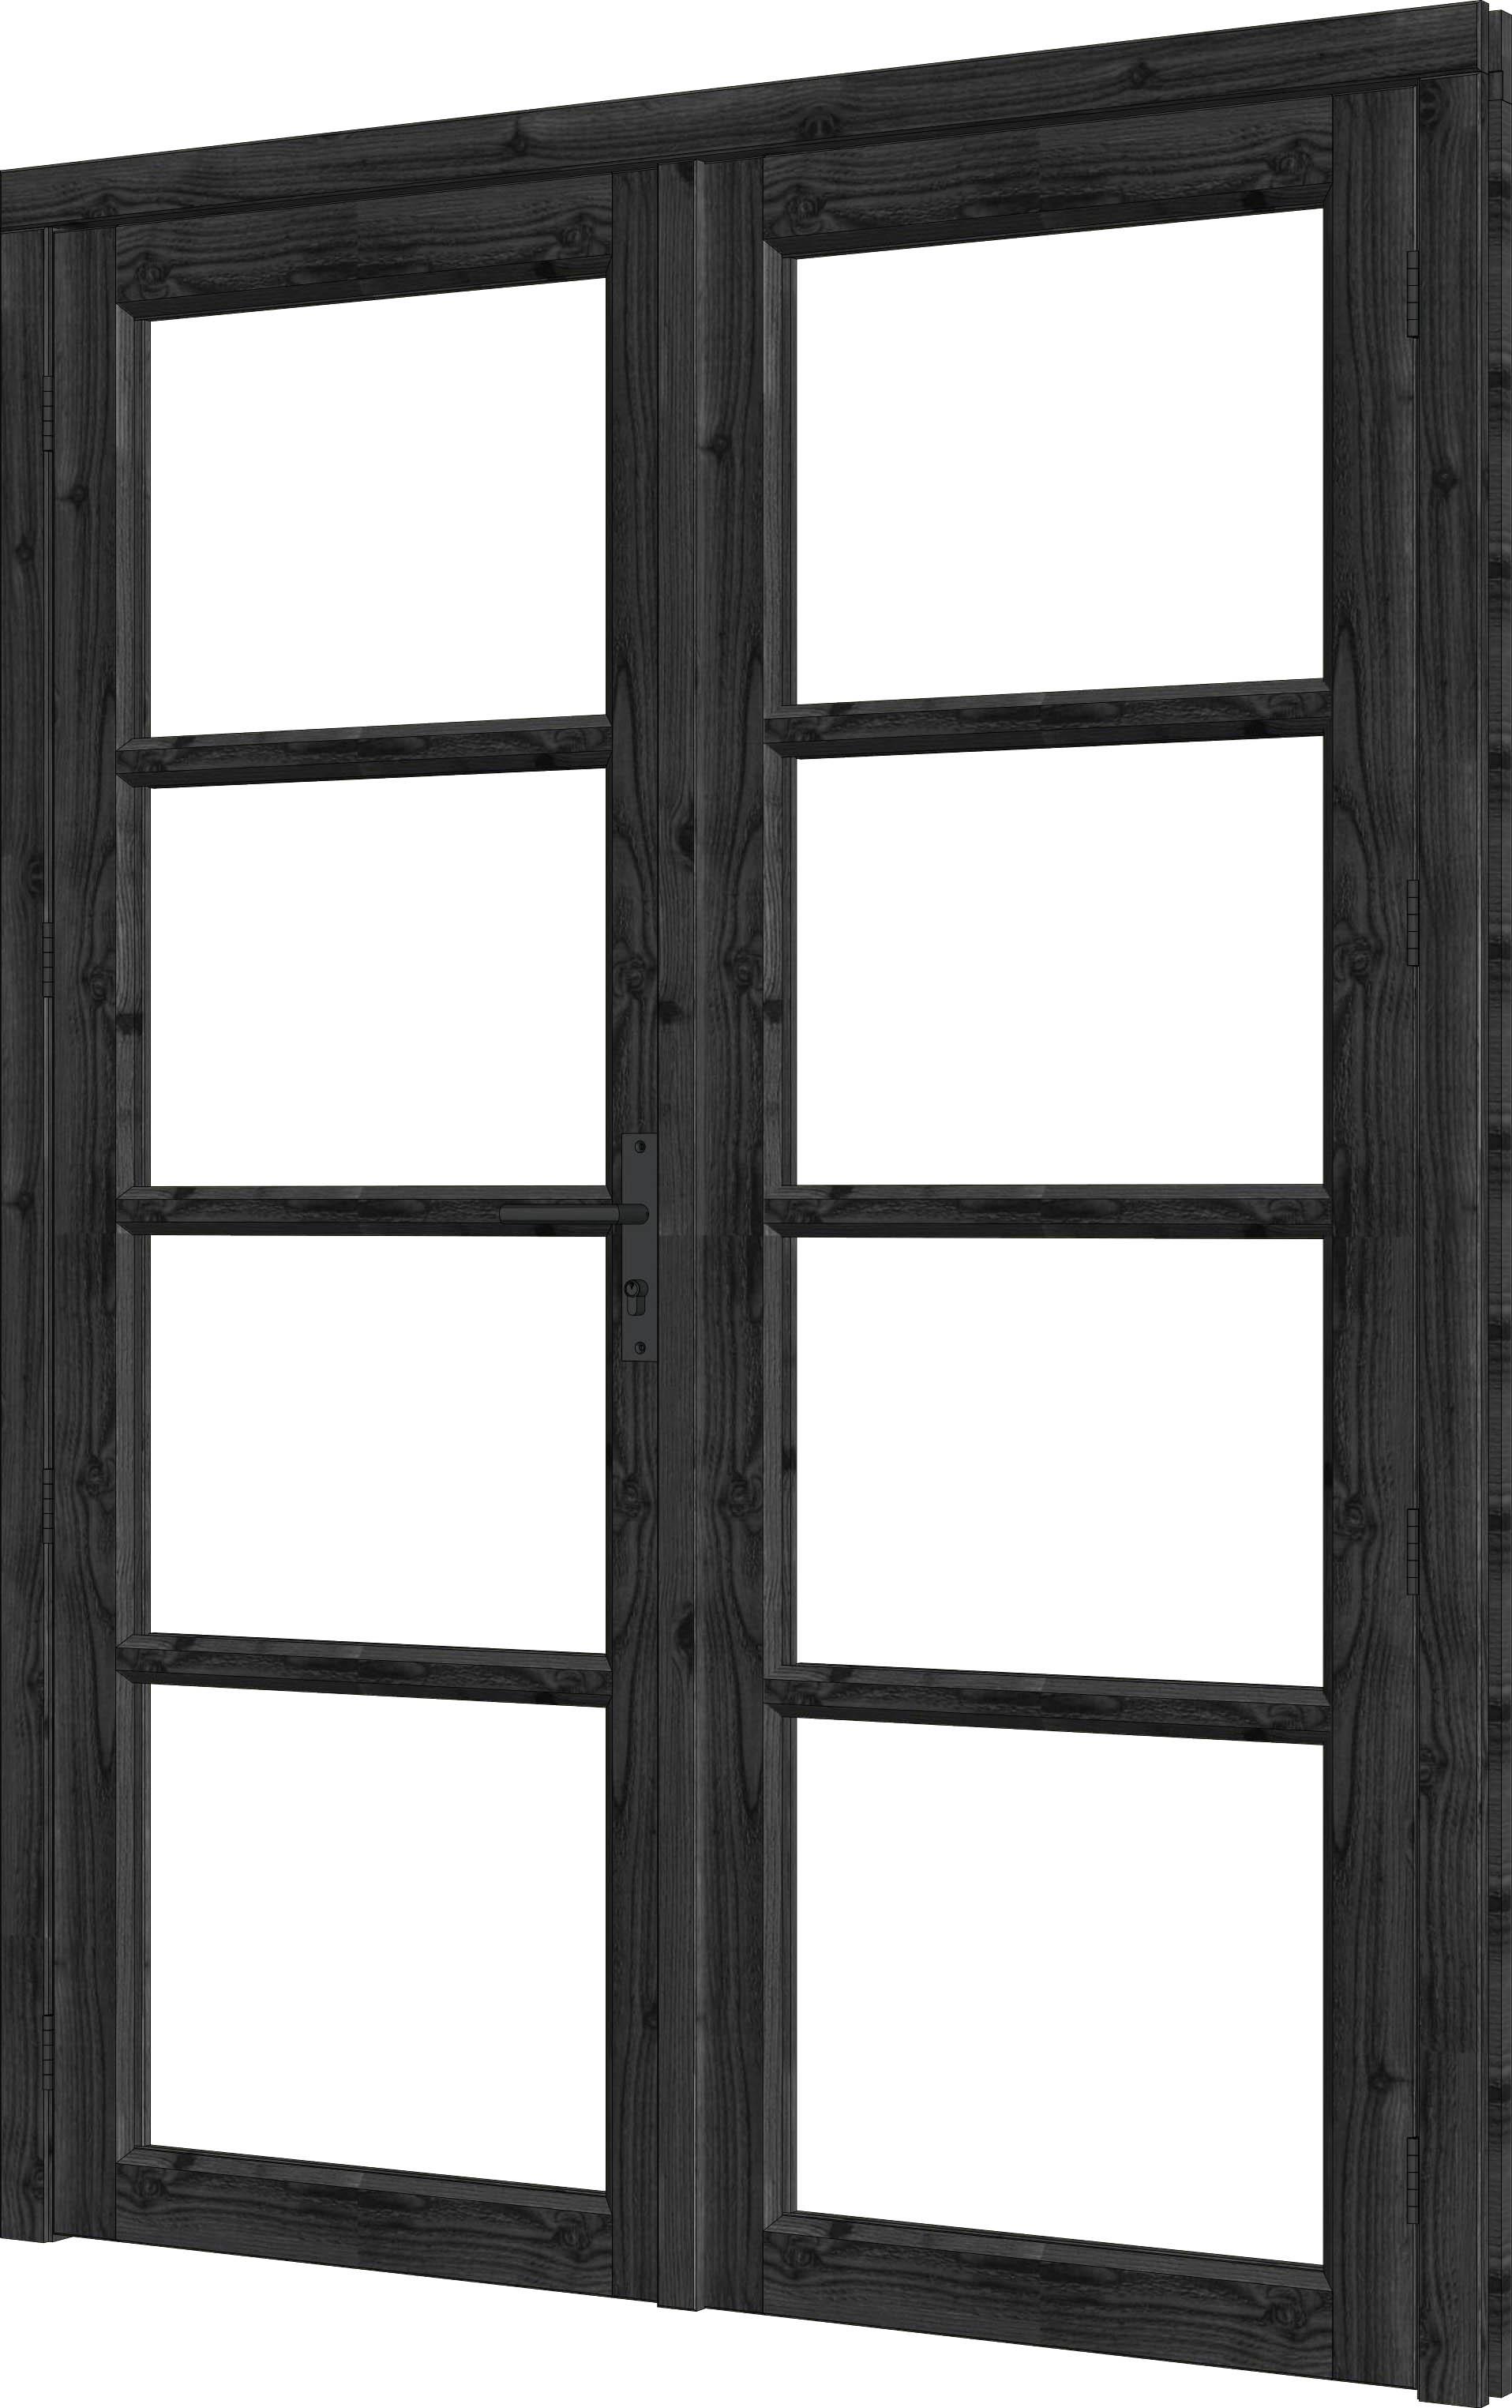 Trendhout | Steel Look Deur Dubbel | U4 | 163,6 x 213,6 cm